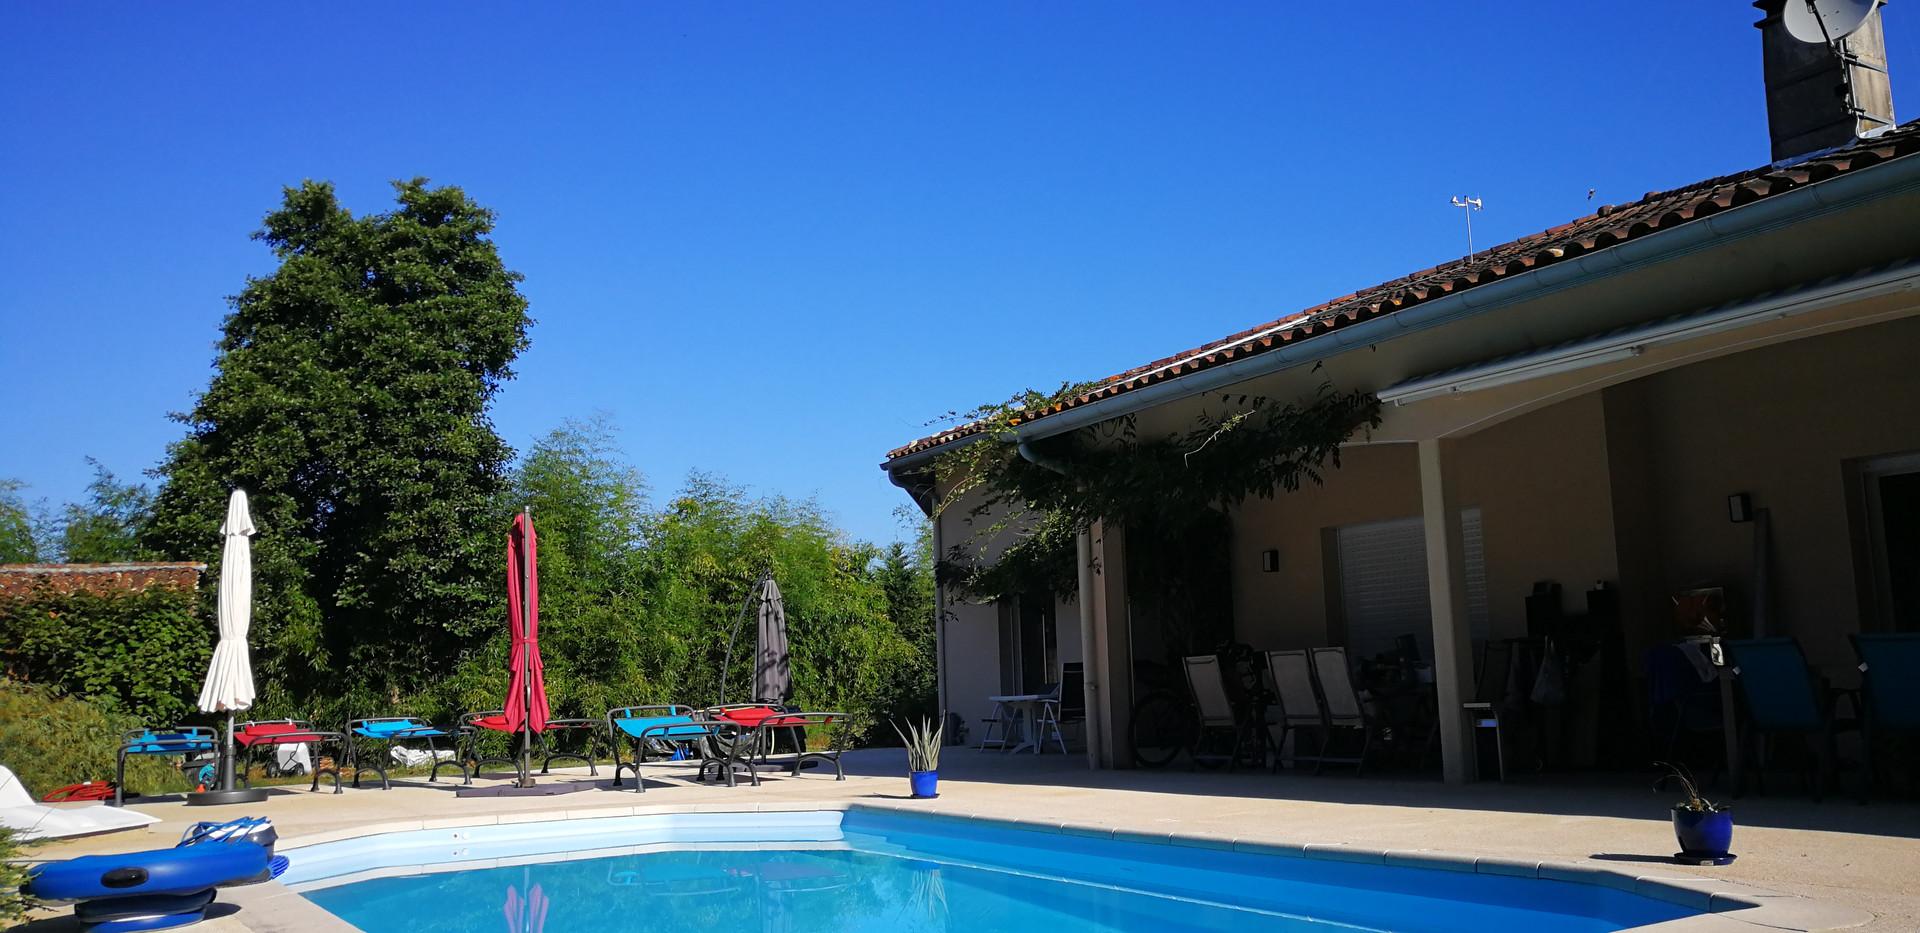 La terrasse et la piscine.jpg